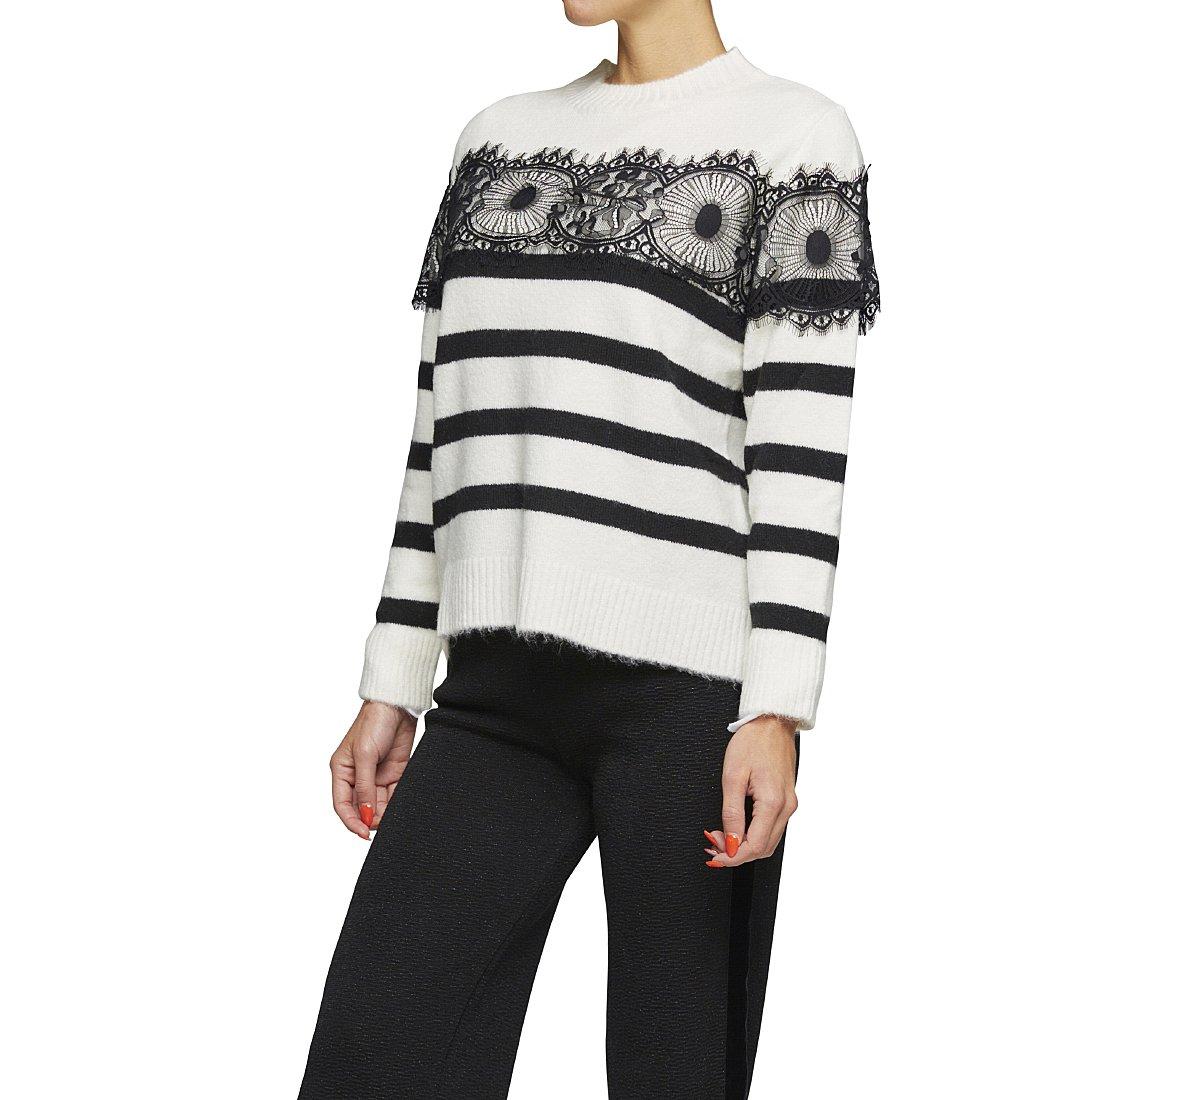 Пуловер в полоску из мягкого материала.